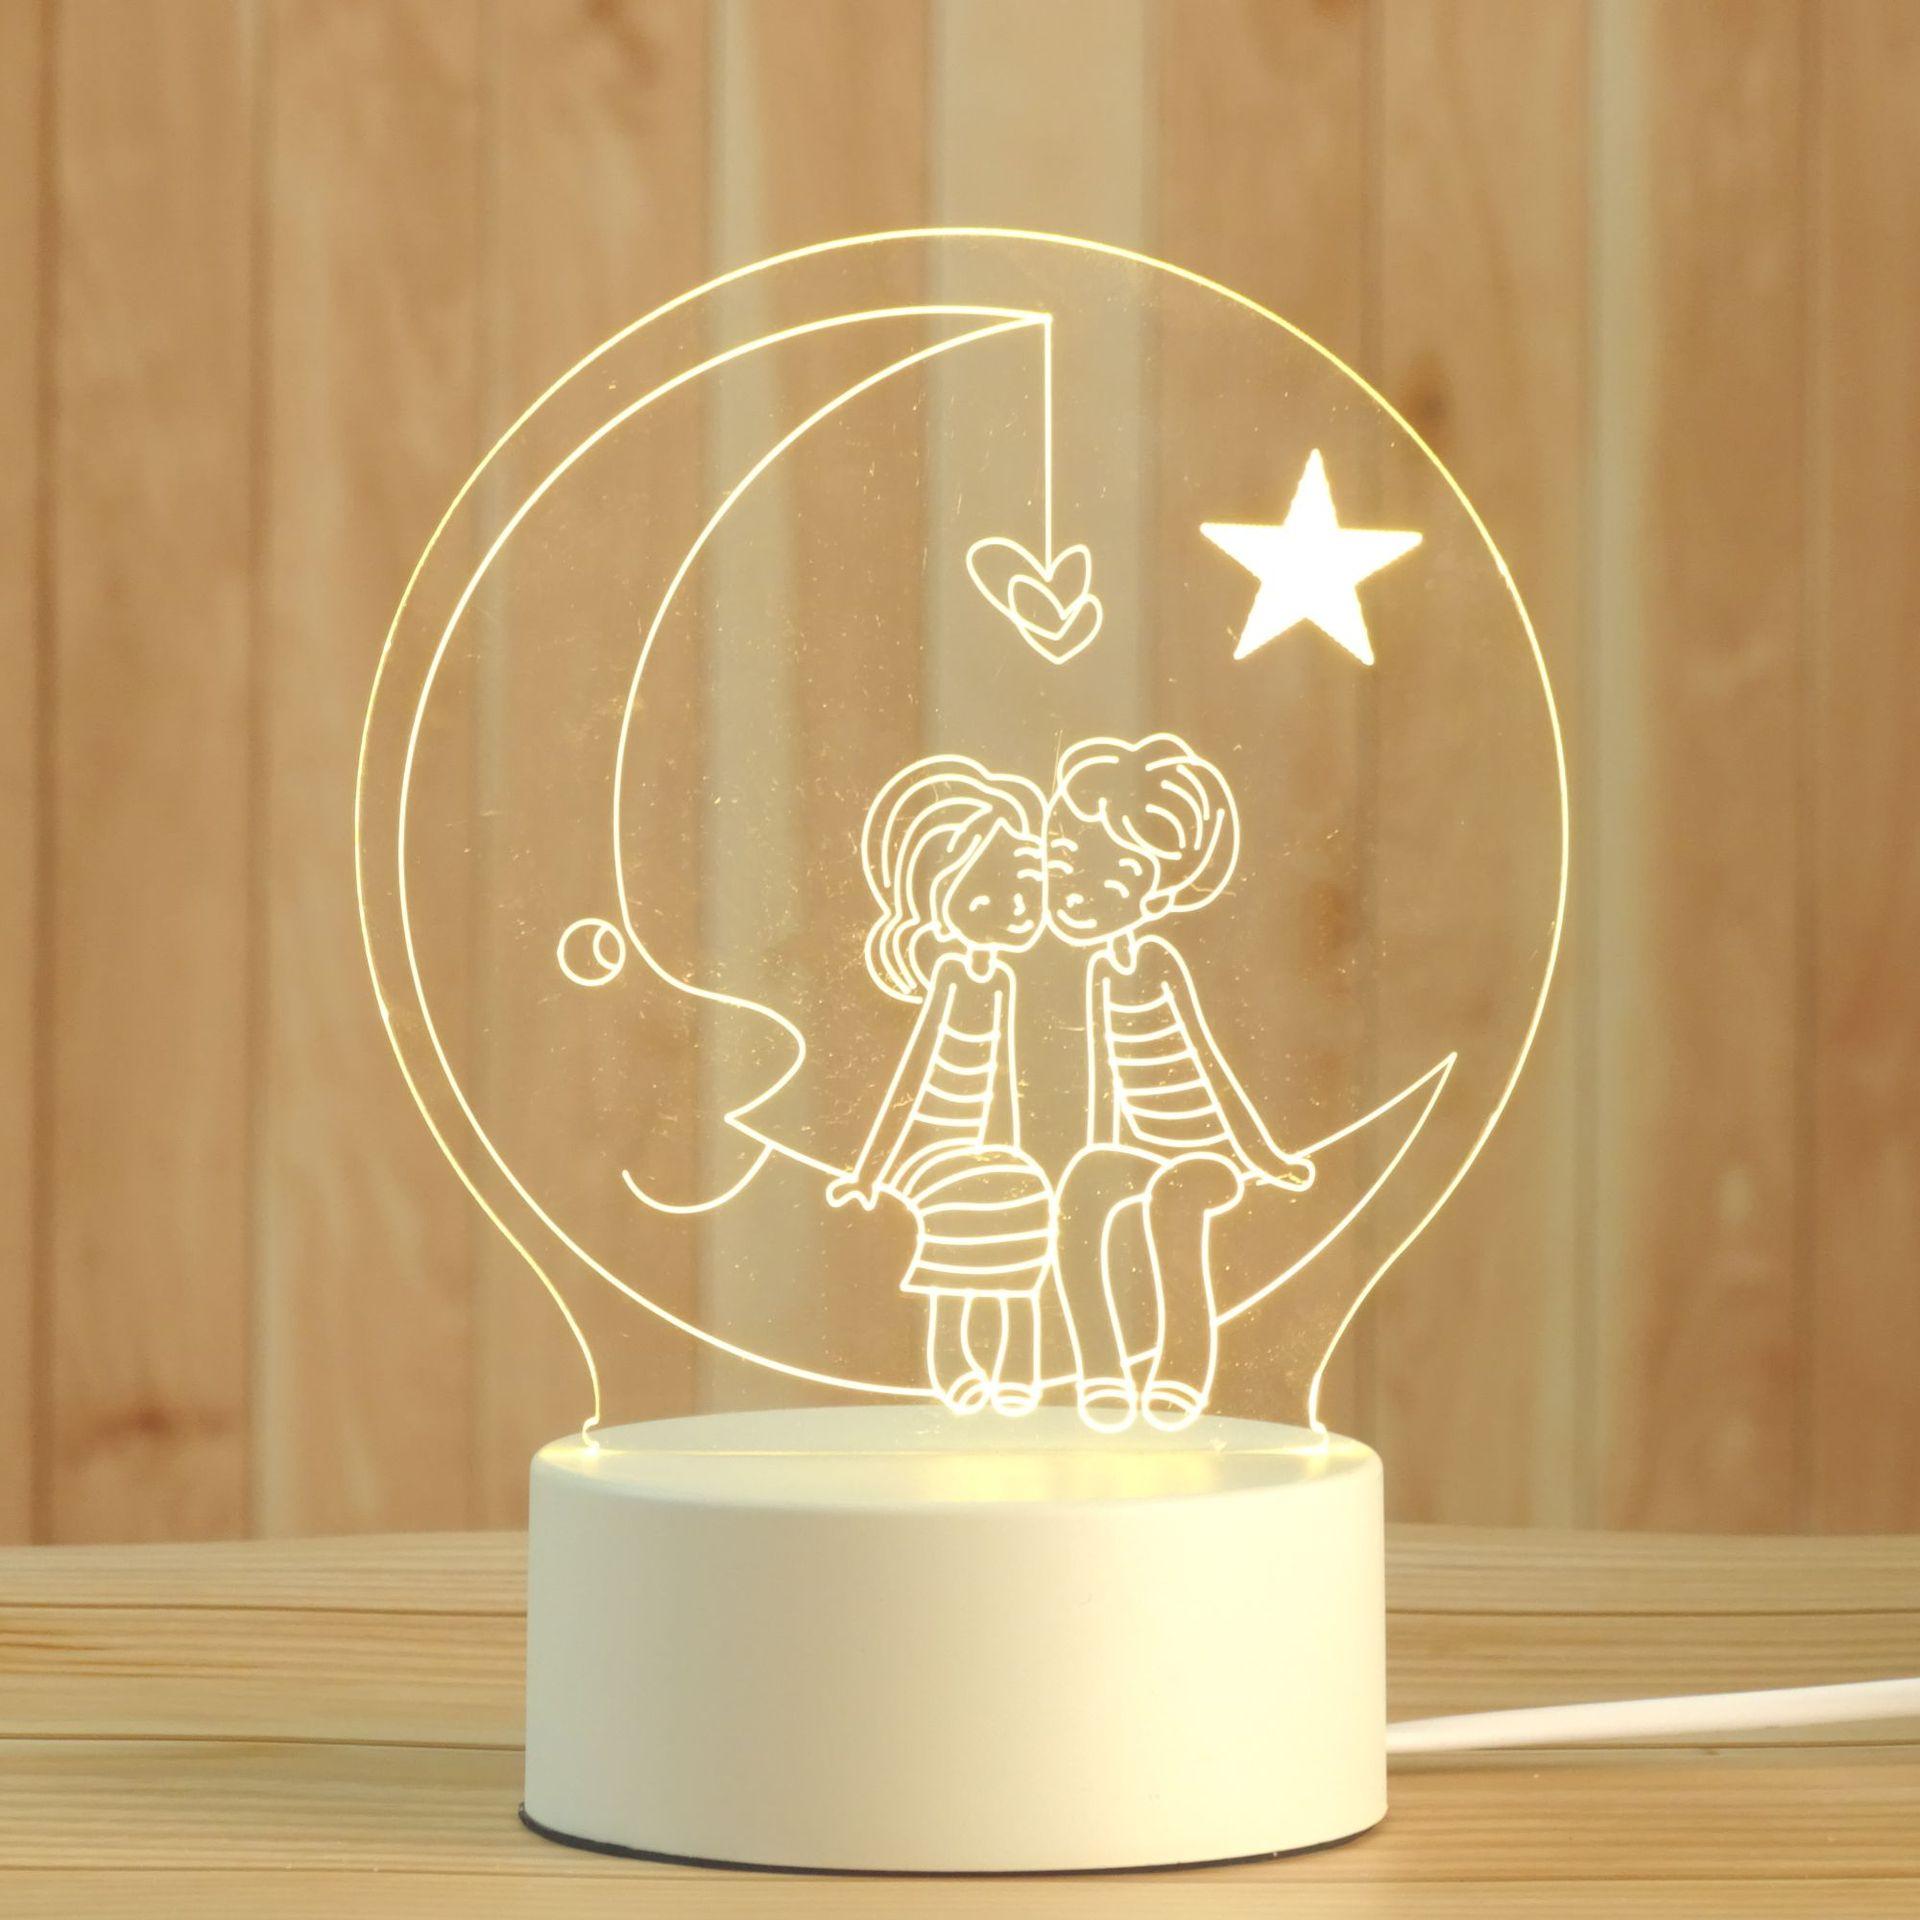 装饰小夜灯电子产品创意灯 新奇特家居led水母灯小朋友儿童生日